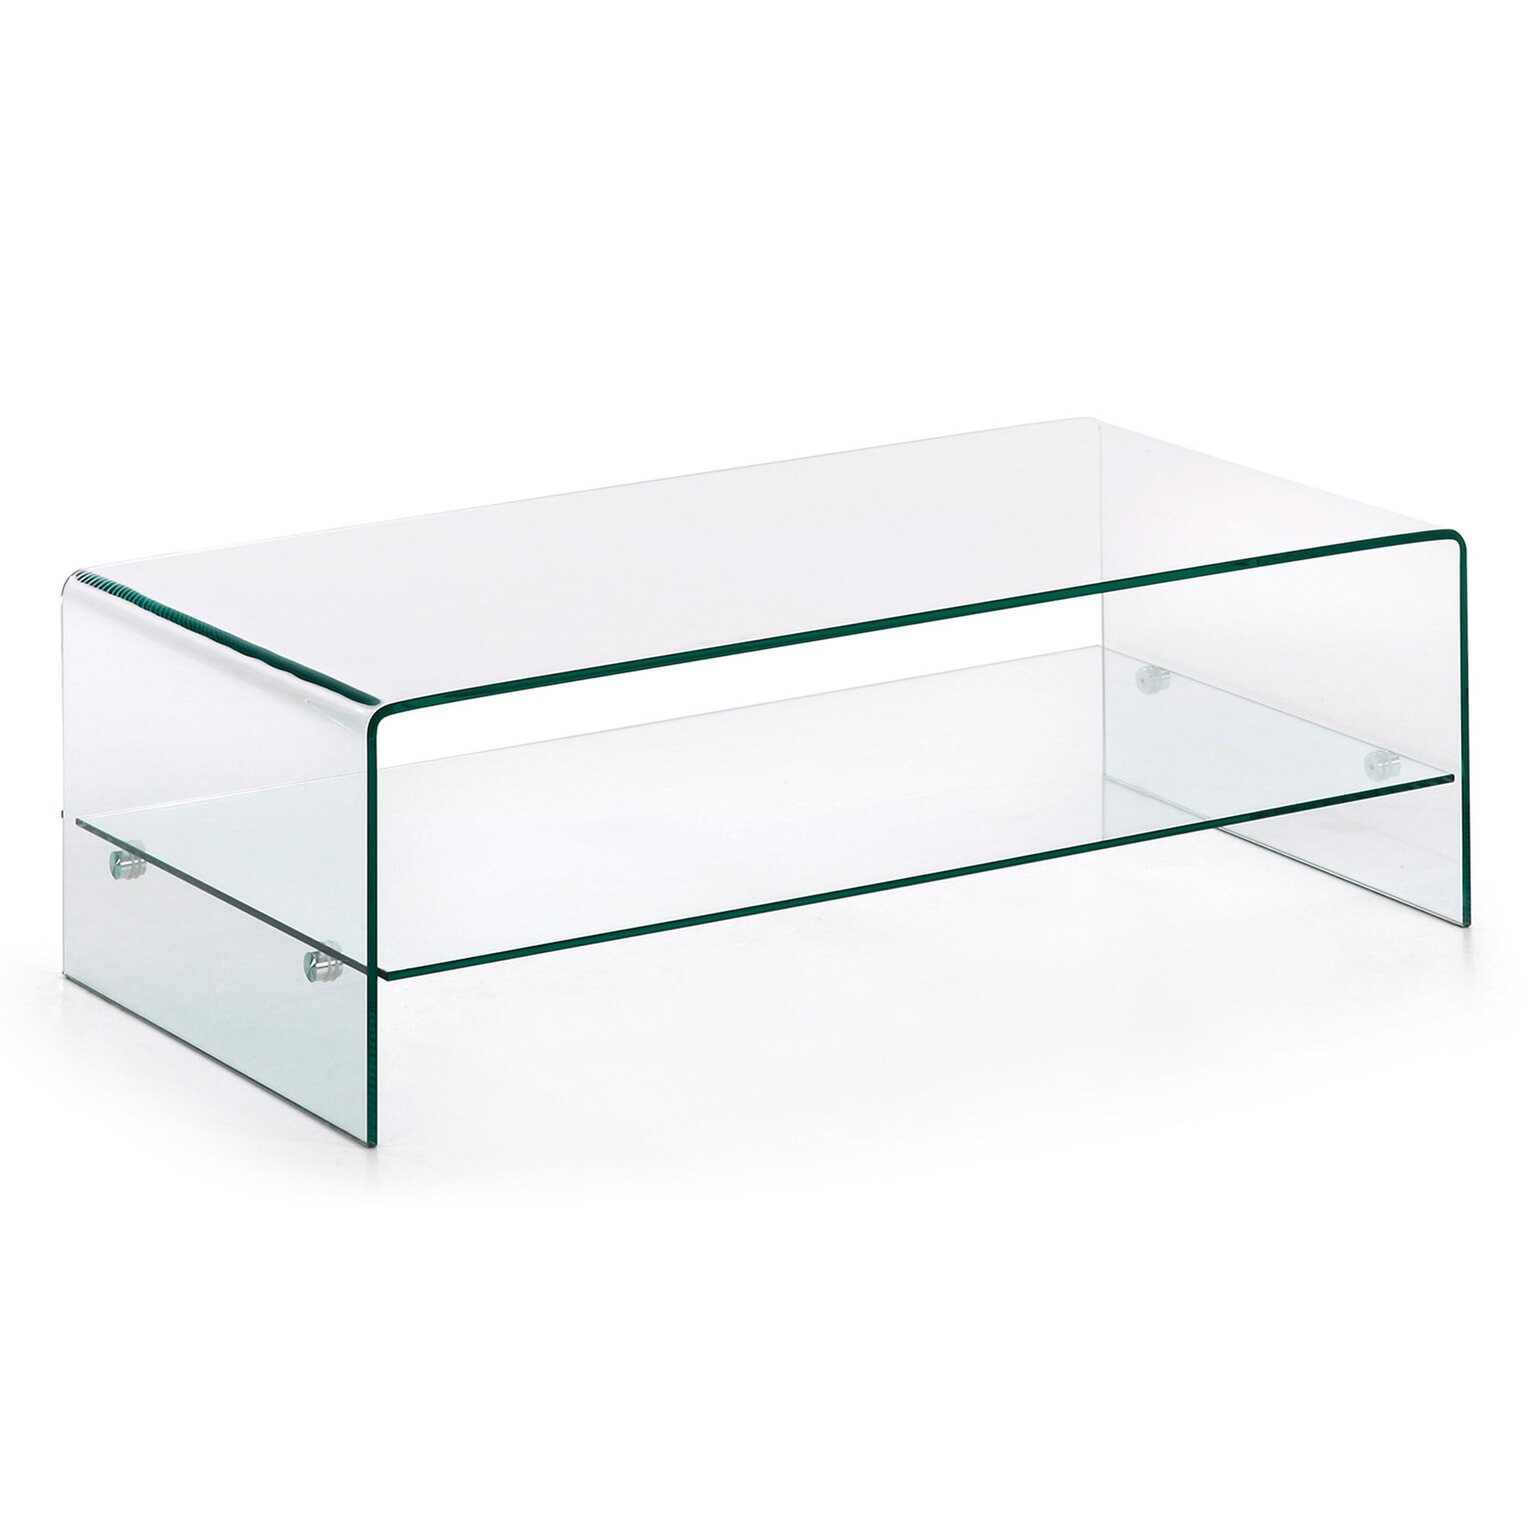 Glas Voor Salontafel.Kave Home Glazen Salontafel Burano Met Onderplank 110 X 55 Cm